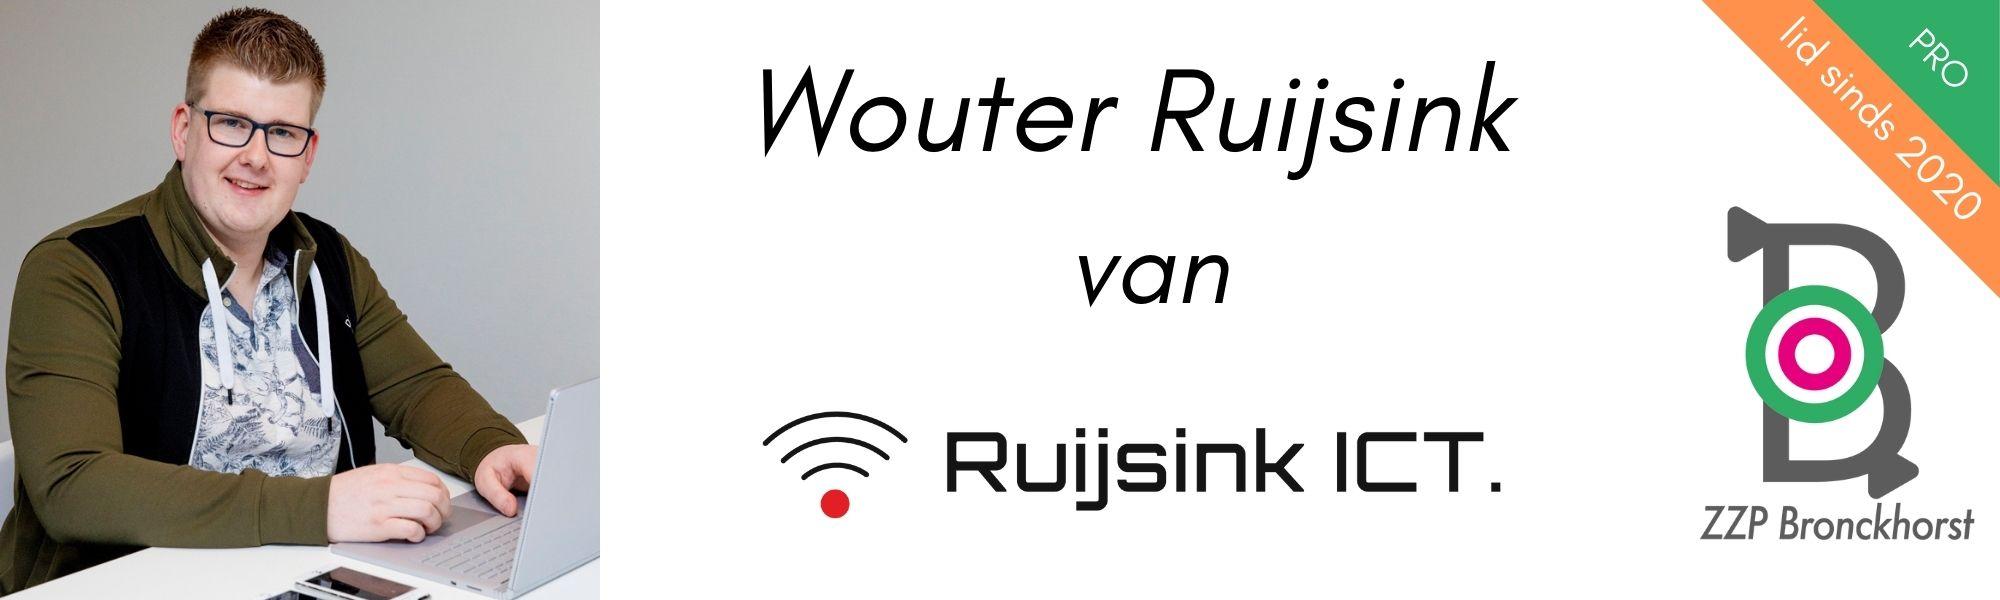 ruijsink-ict-domotica-en-computerhulp-zzp-bronckhorst